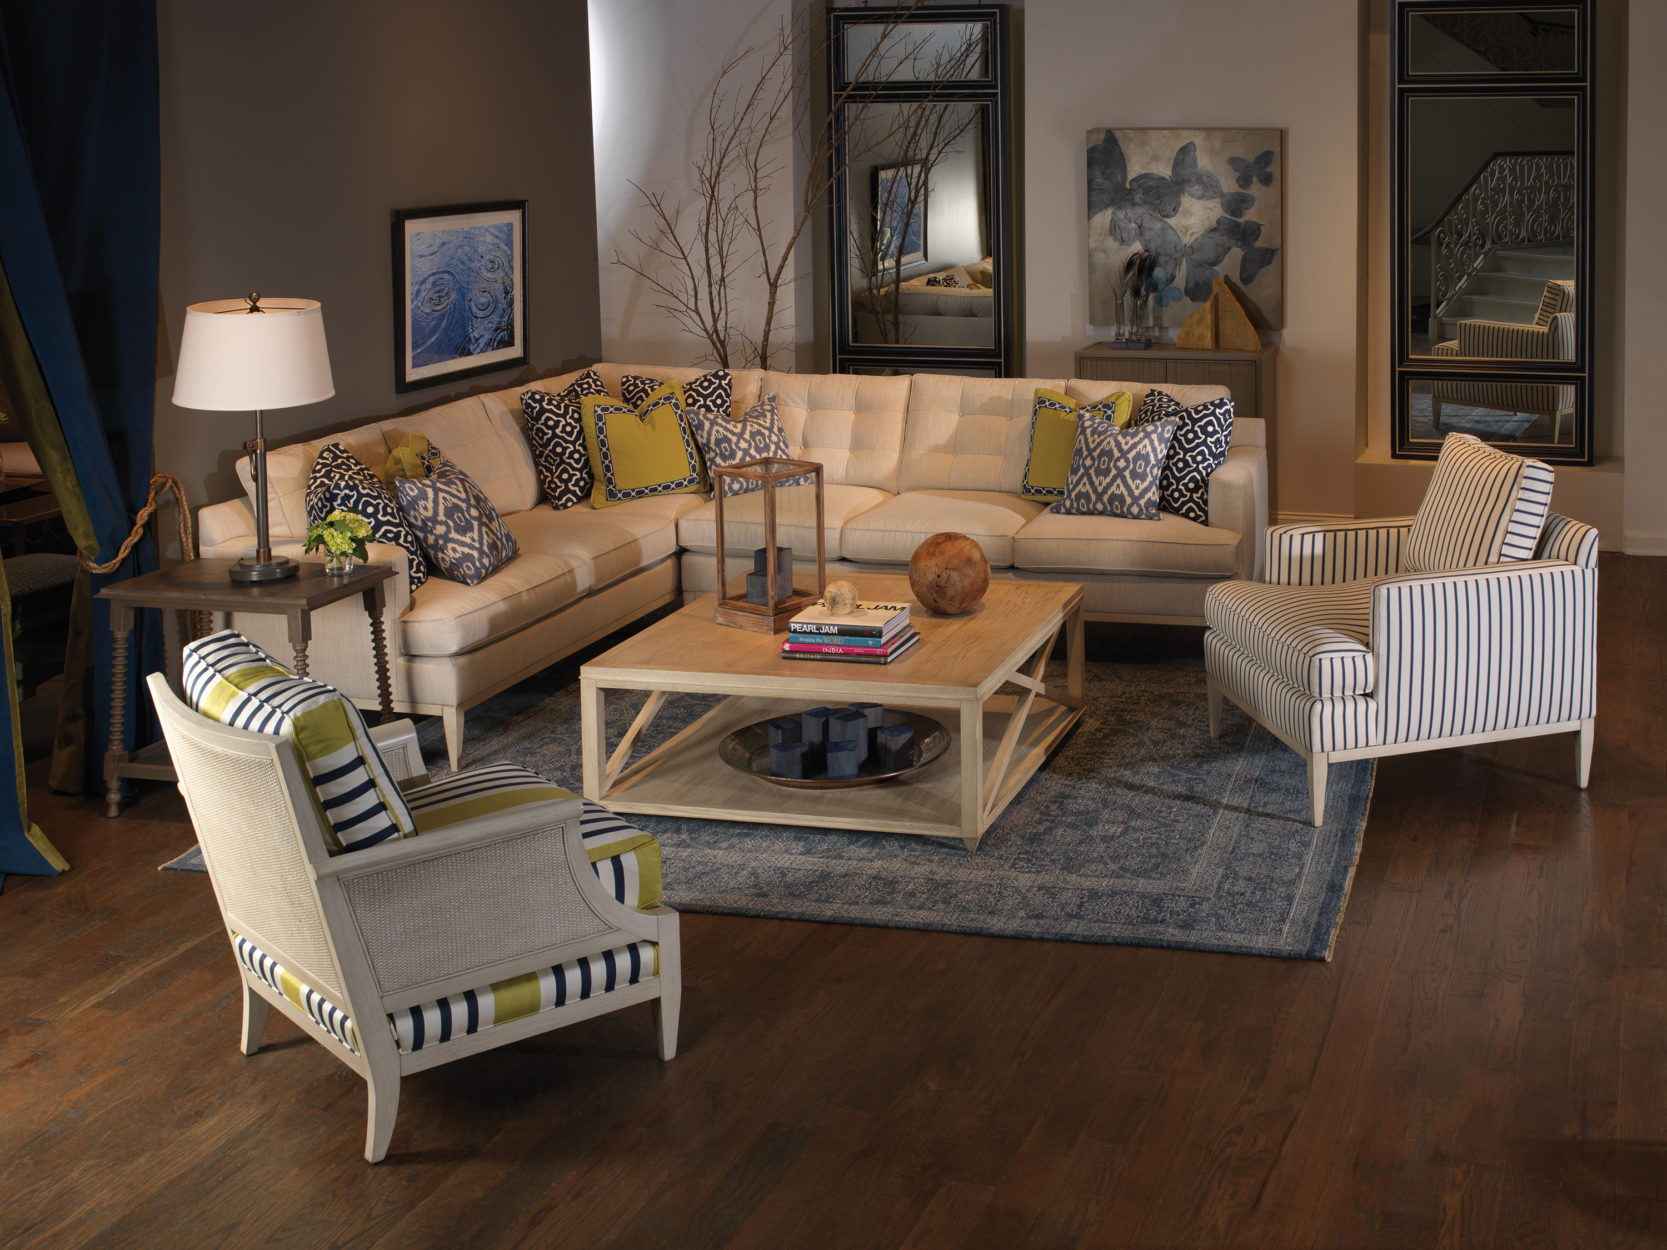 Vanguard Furniture at Hirshfield's